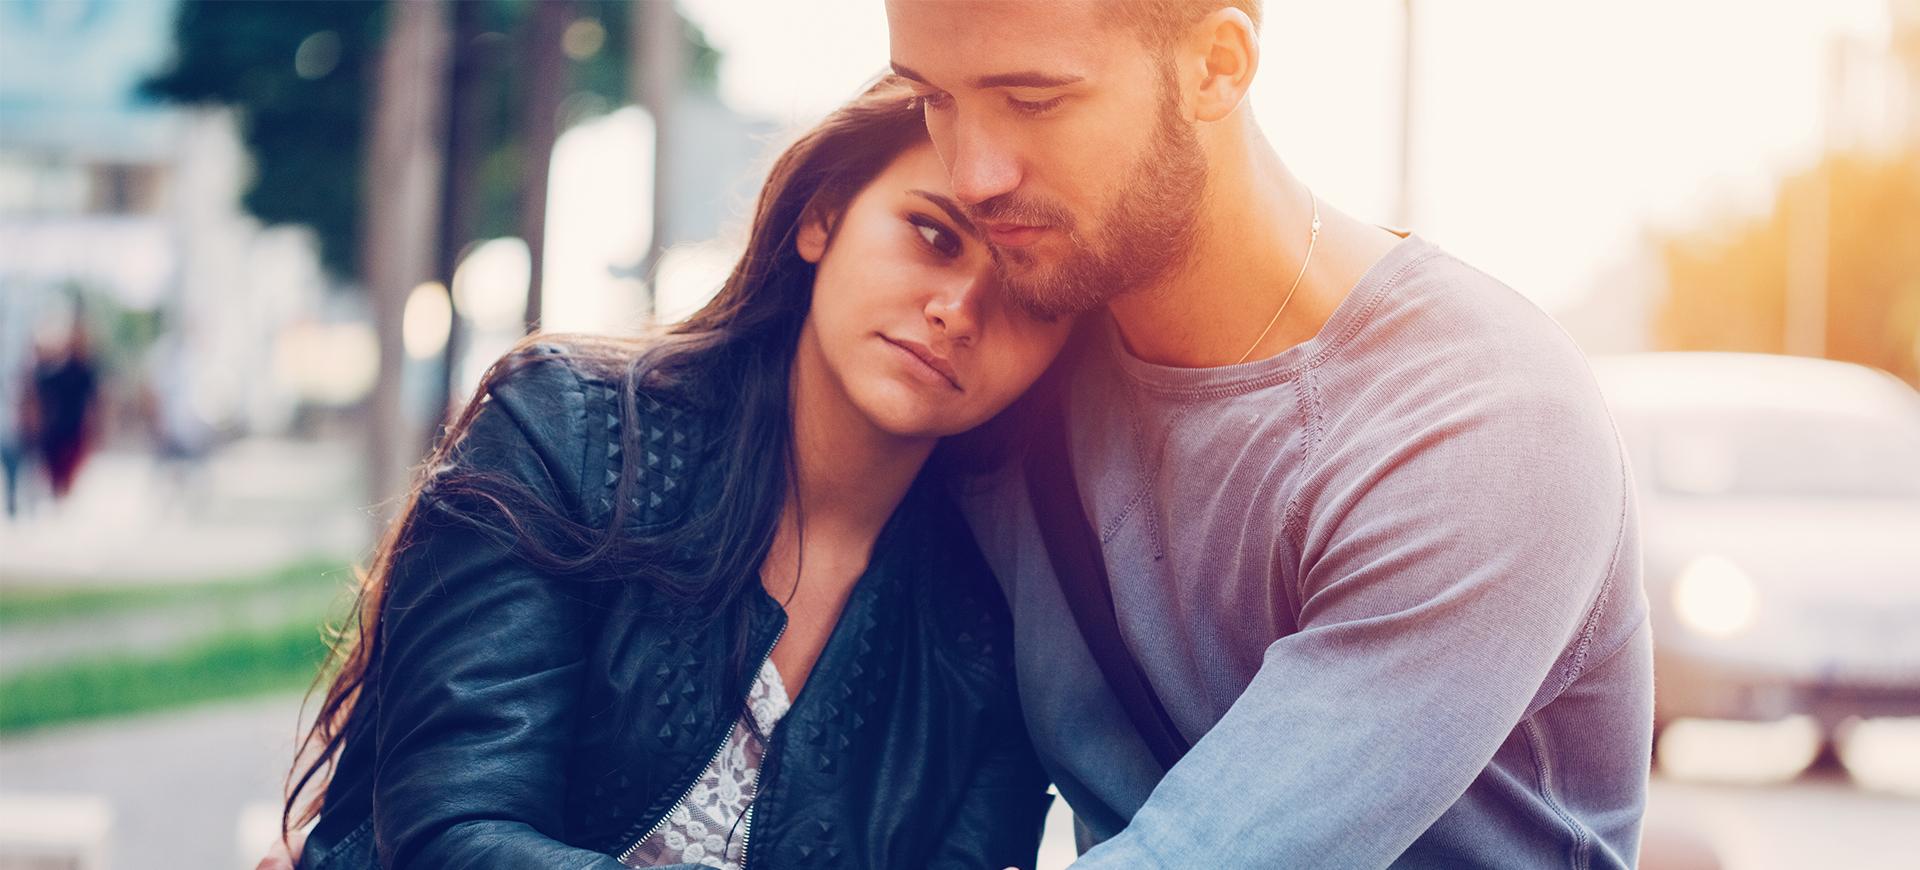 definiera en dating relation